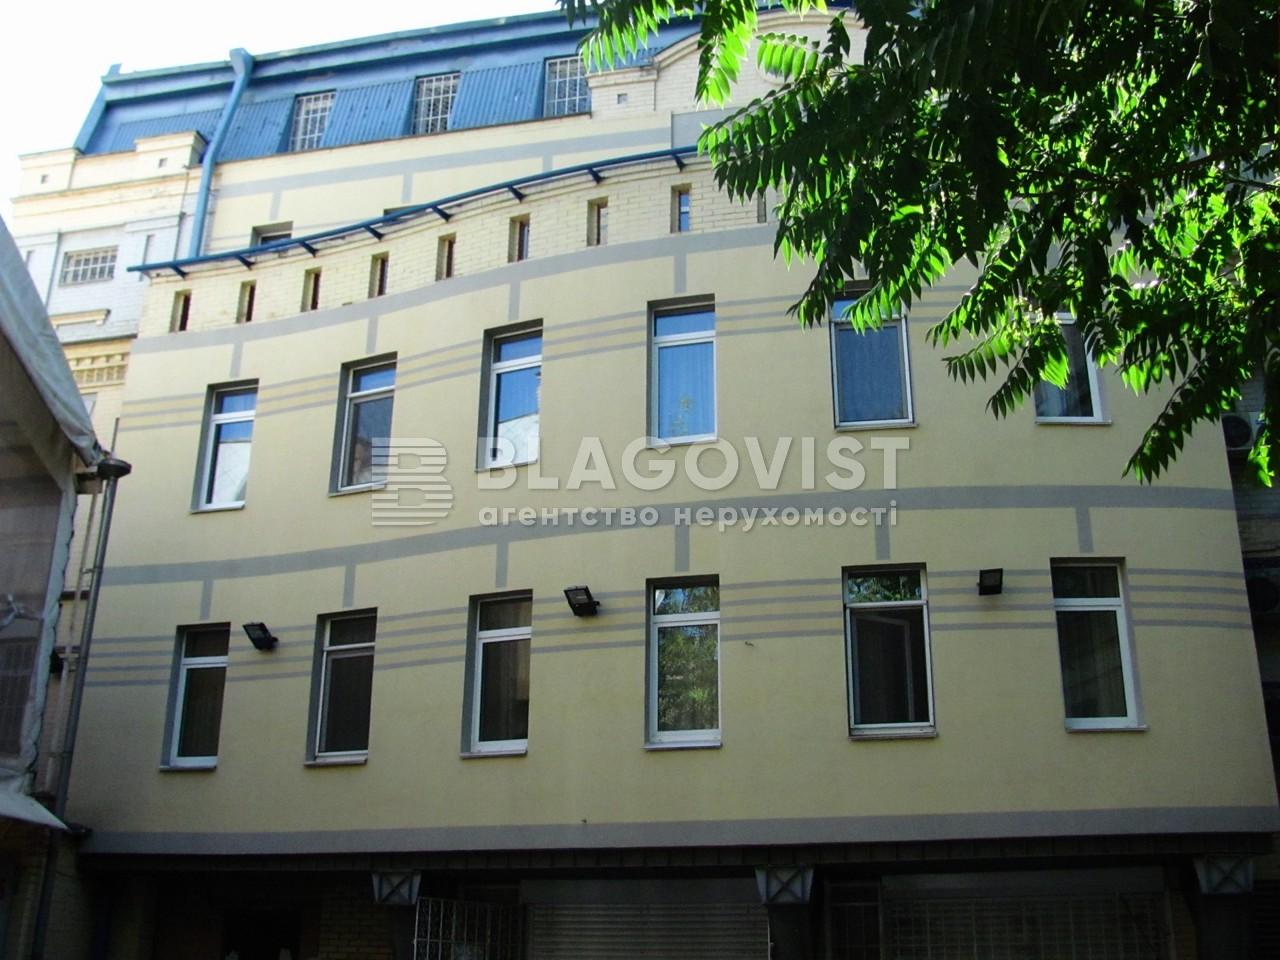 Нежитлове приміщення, H-36958, Нижній Вал, Київ - Фото 1